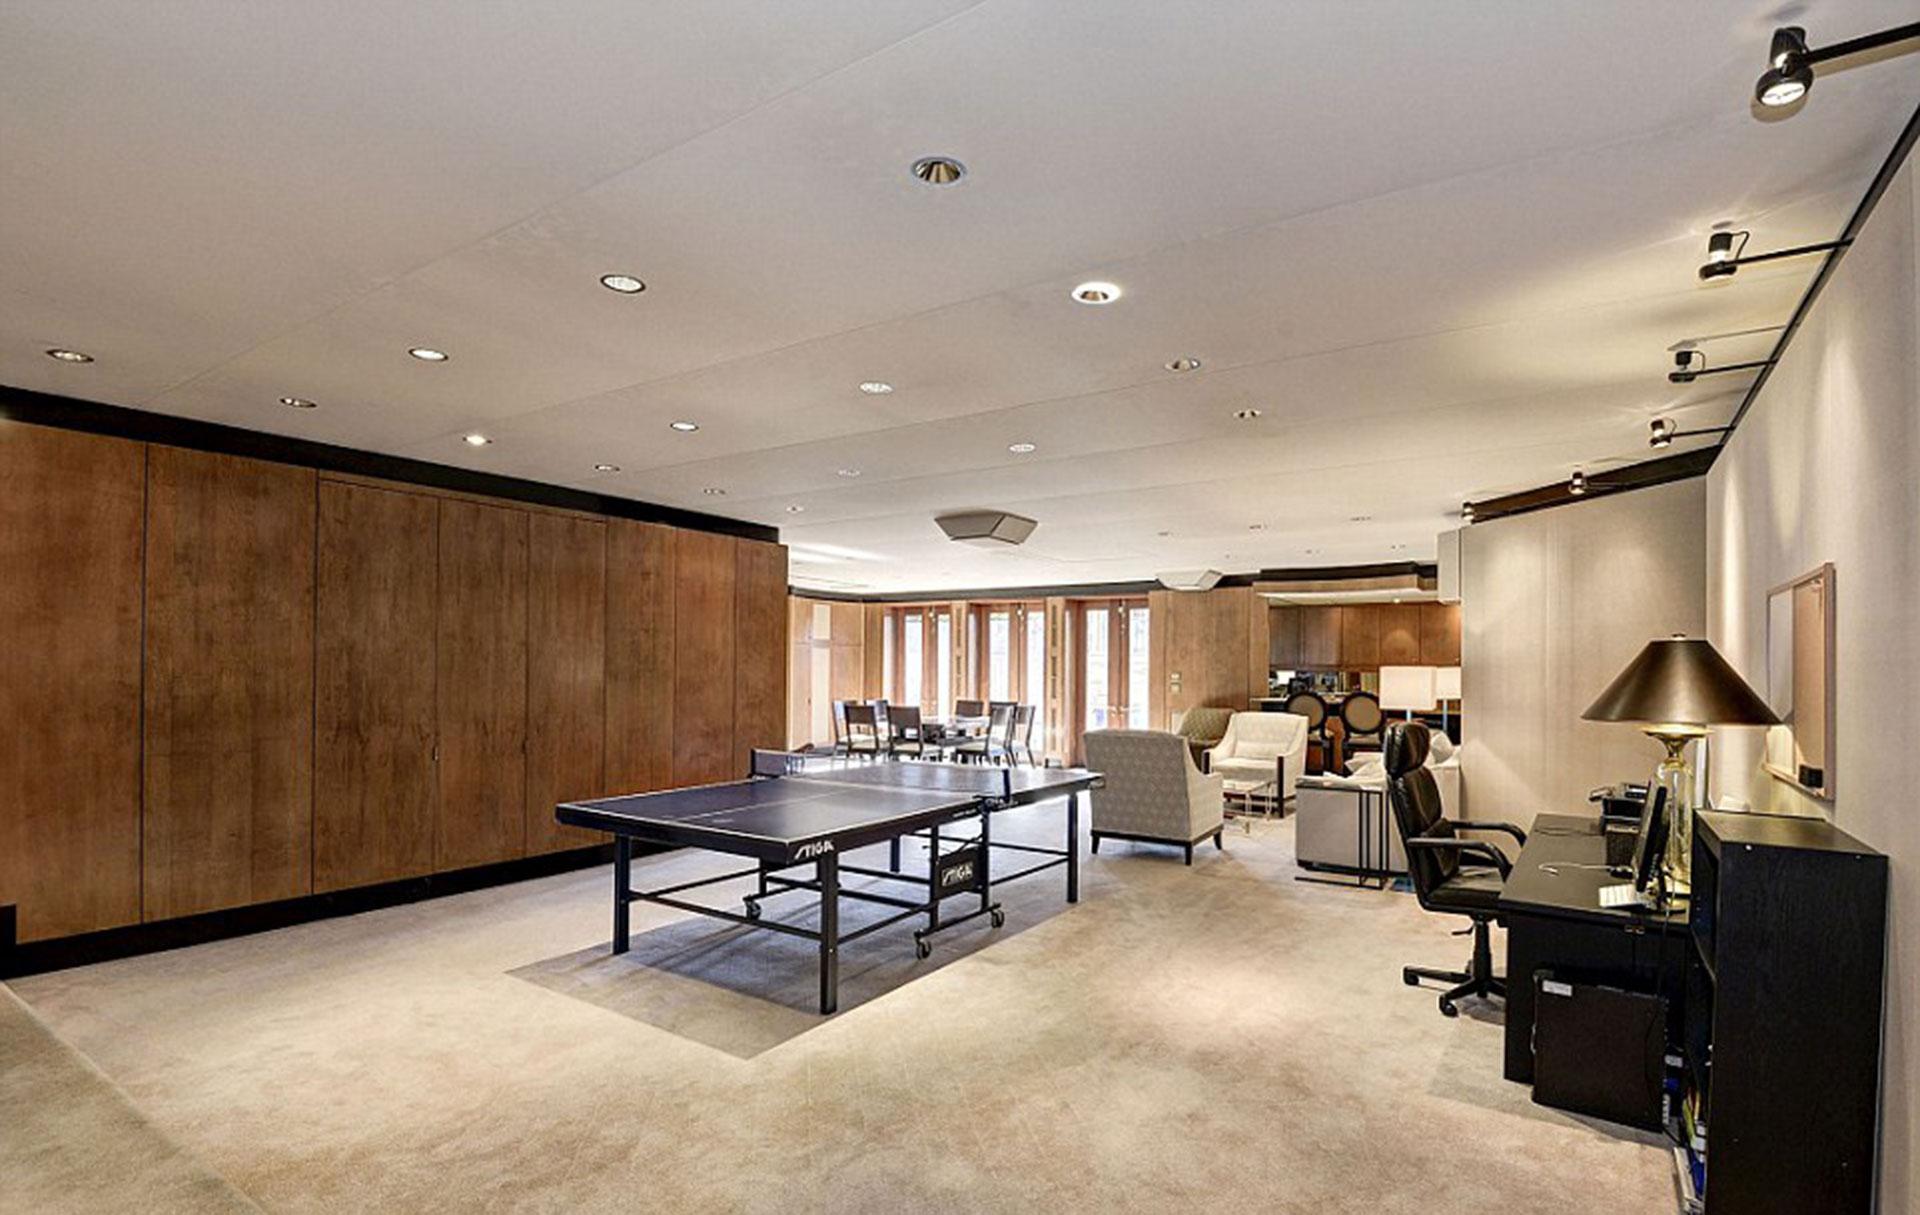 Una mesa de Ping Pong también está disponible en una sala de ocio